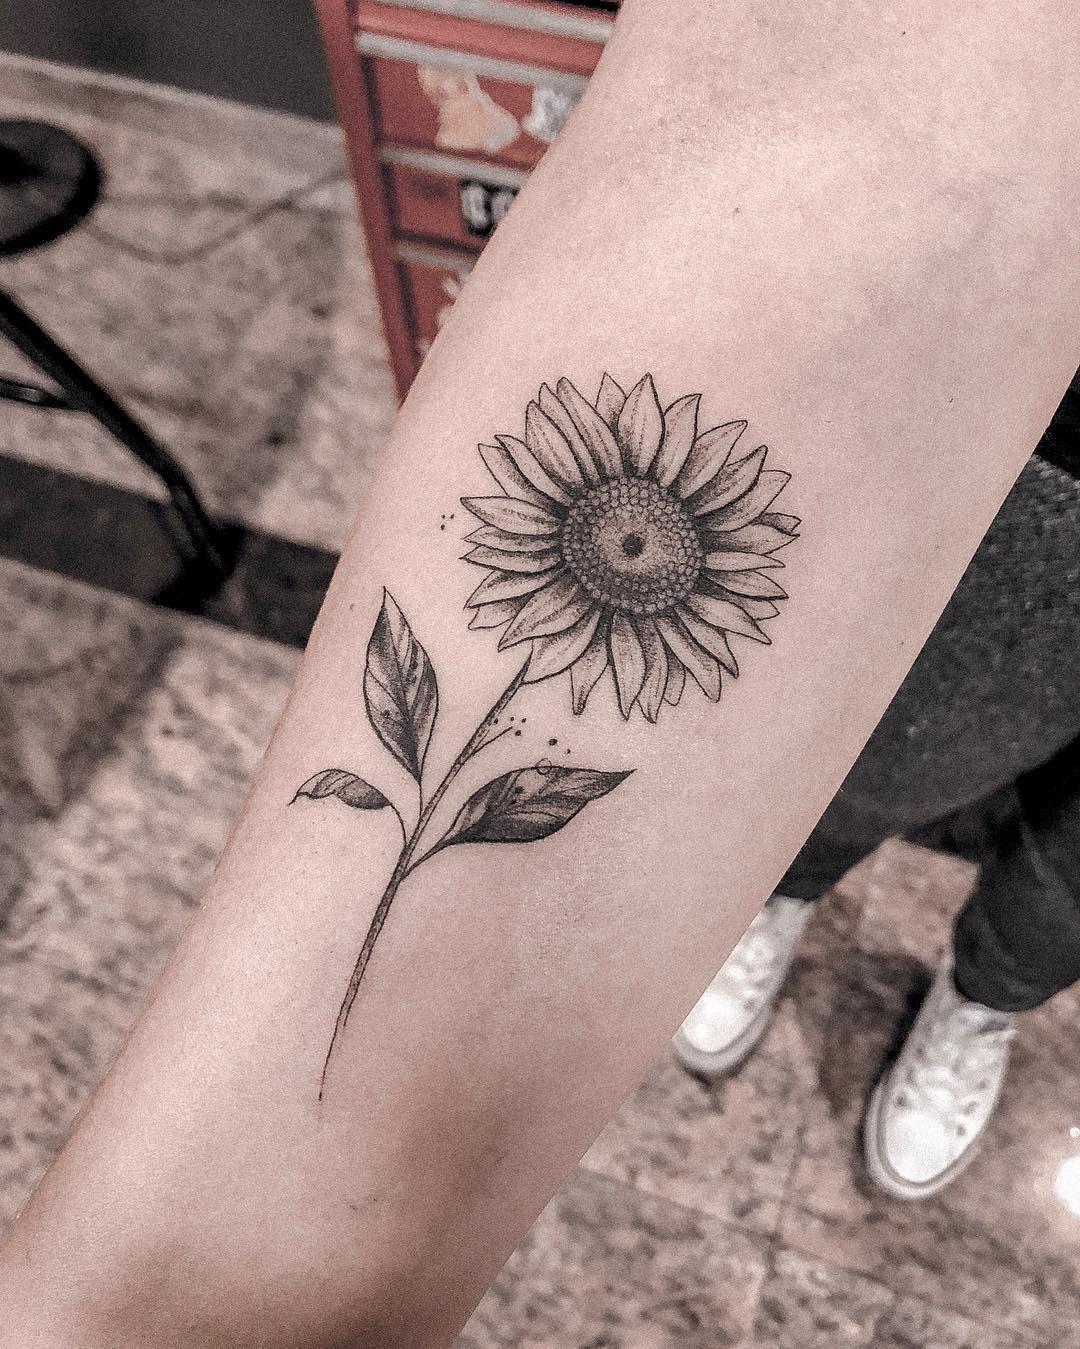 A Tatuagem De Girassol E Linda Mas Nao E So Por Sua Beleza